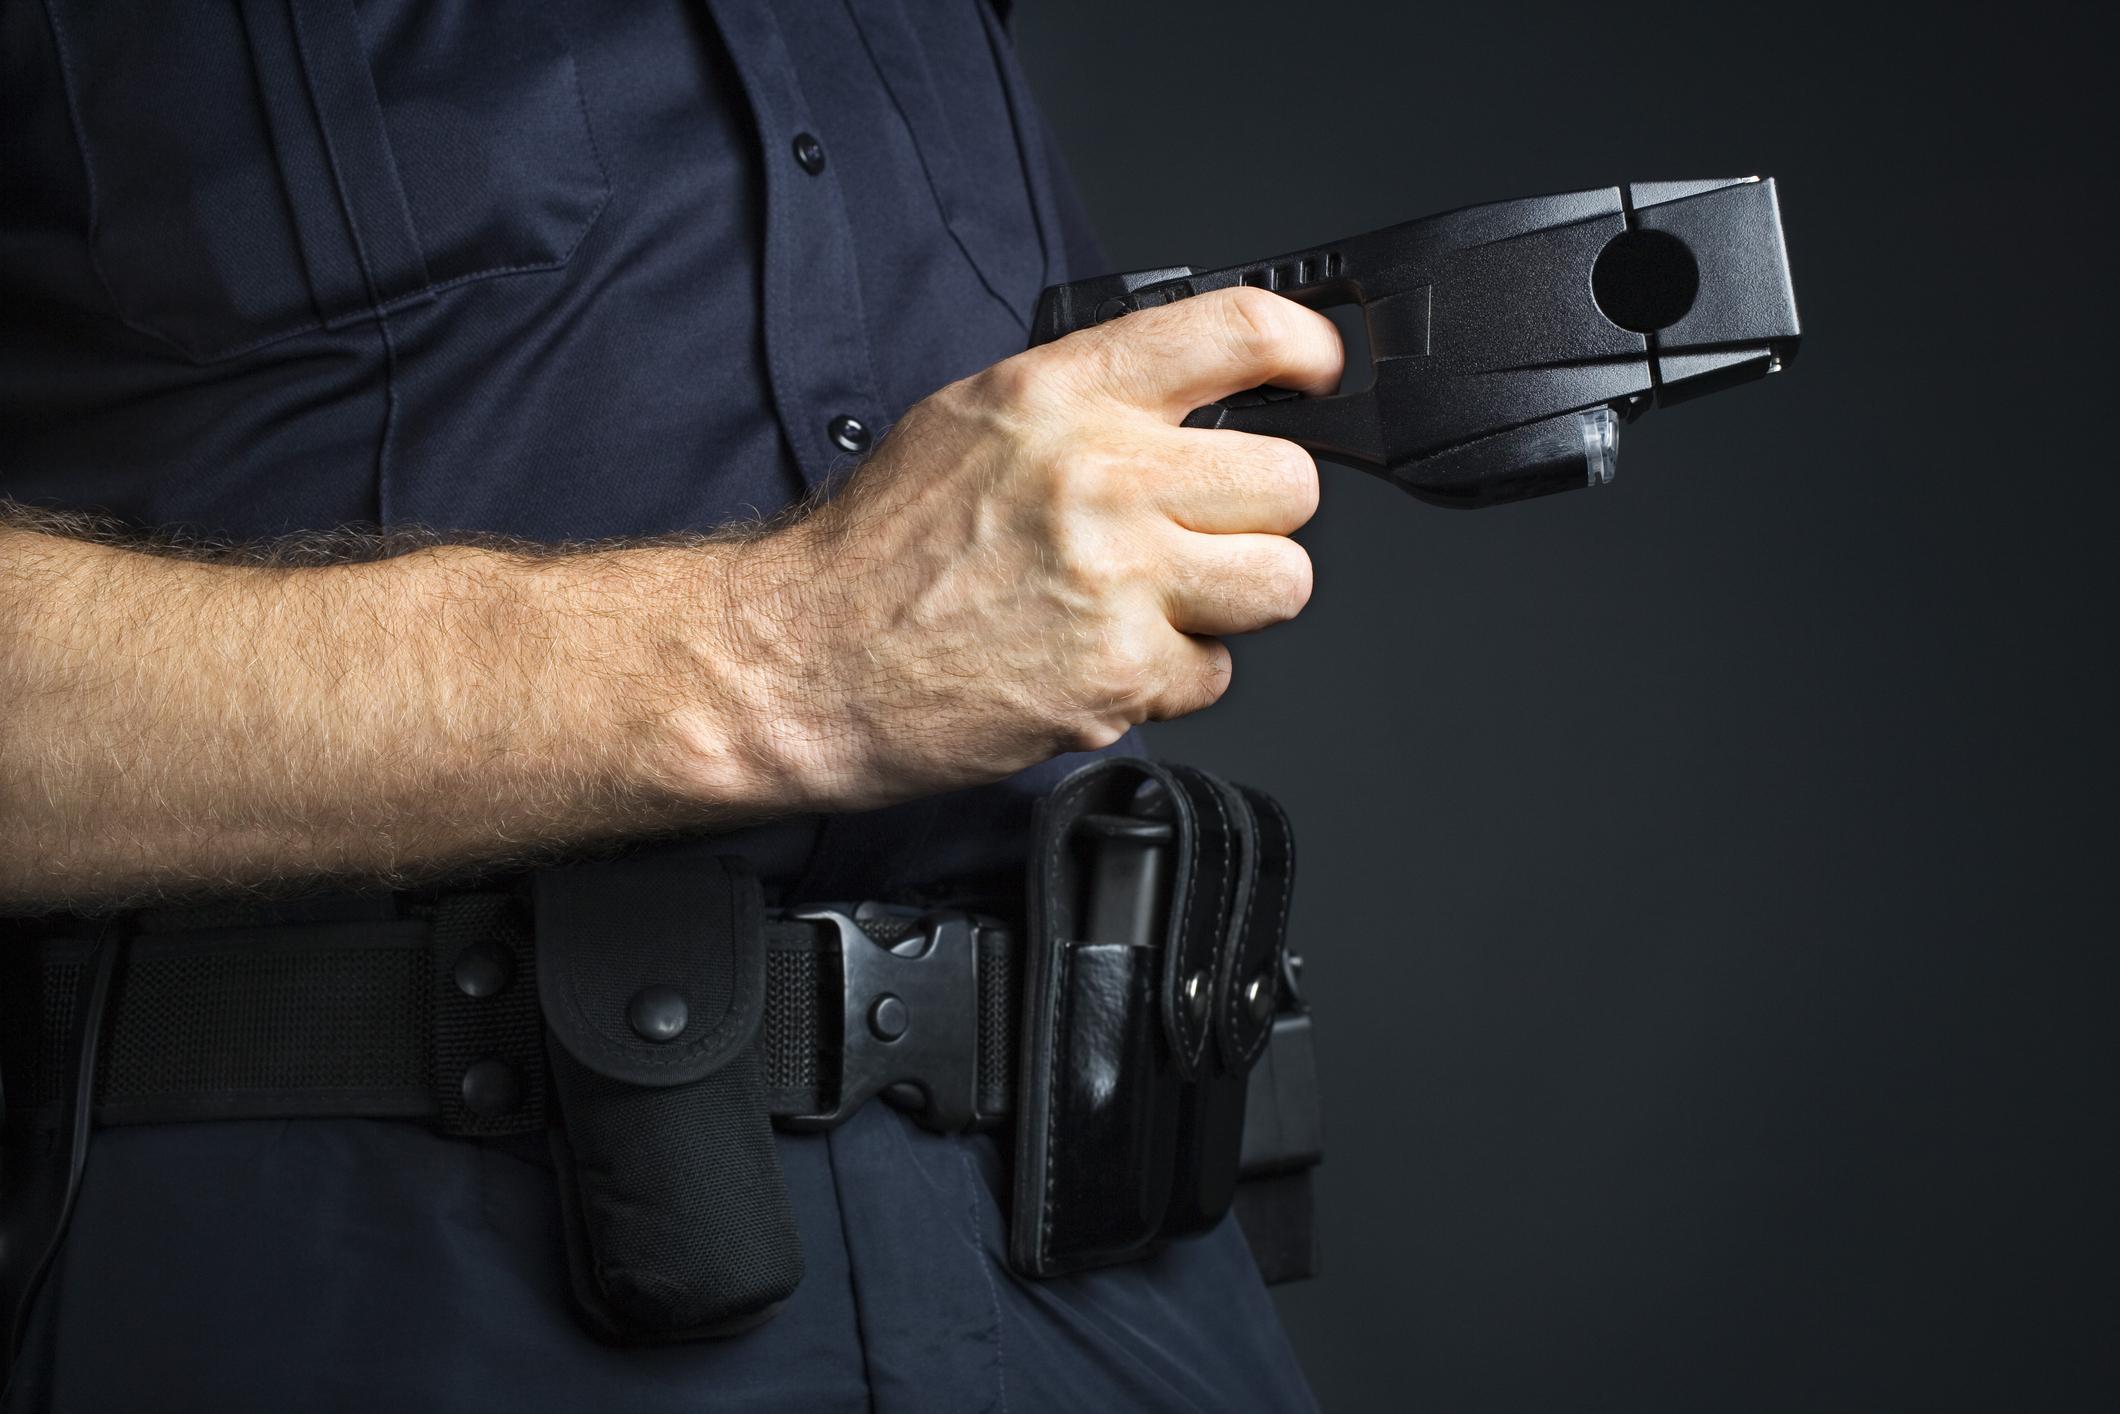 An officer holding a taser.